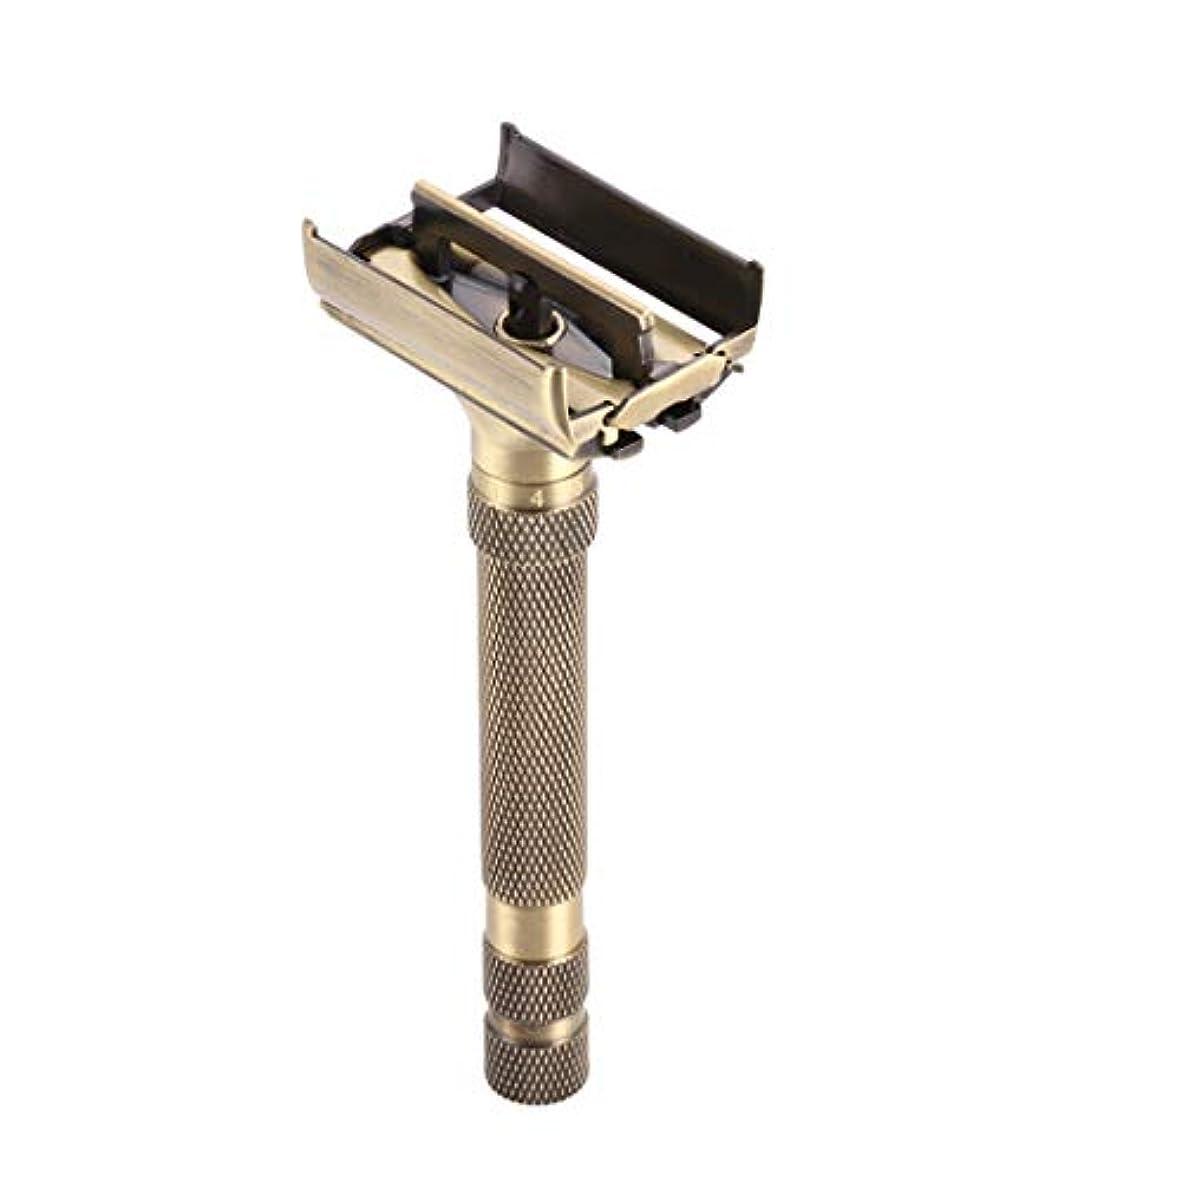 地中海メニュー記事クラシックダブルエッジカミソリ真鍮両面手動かみそり ブレード露出調整可能 ダブルエッジ 安全レイザー 替刃5個付